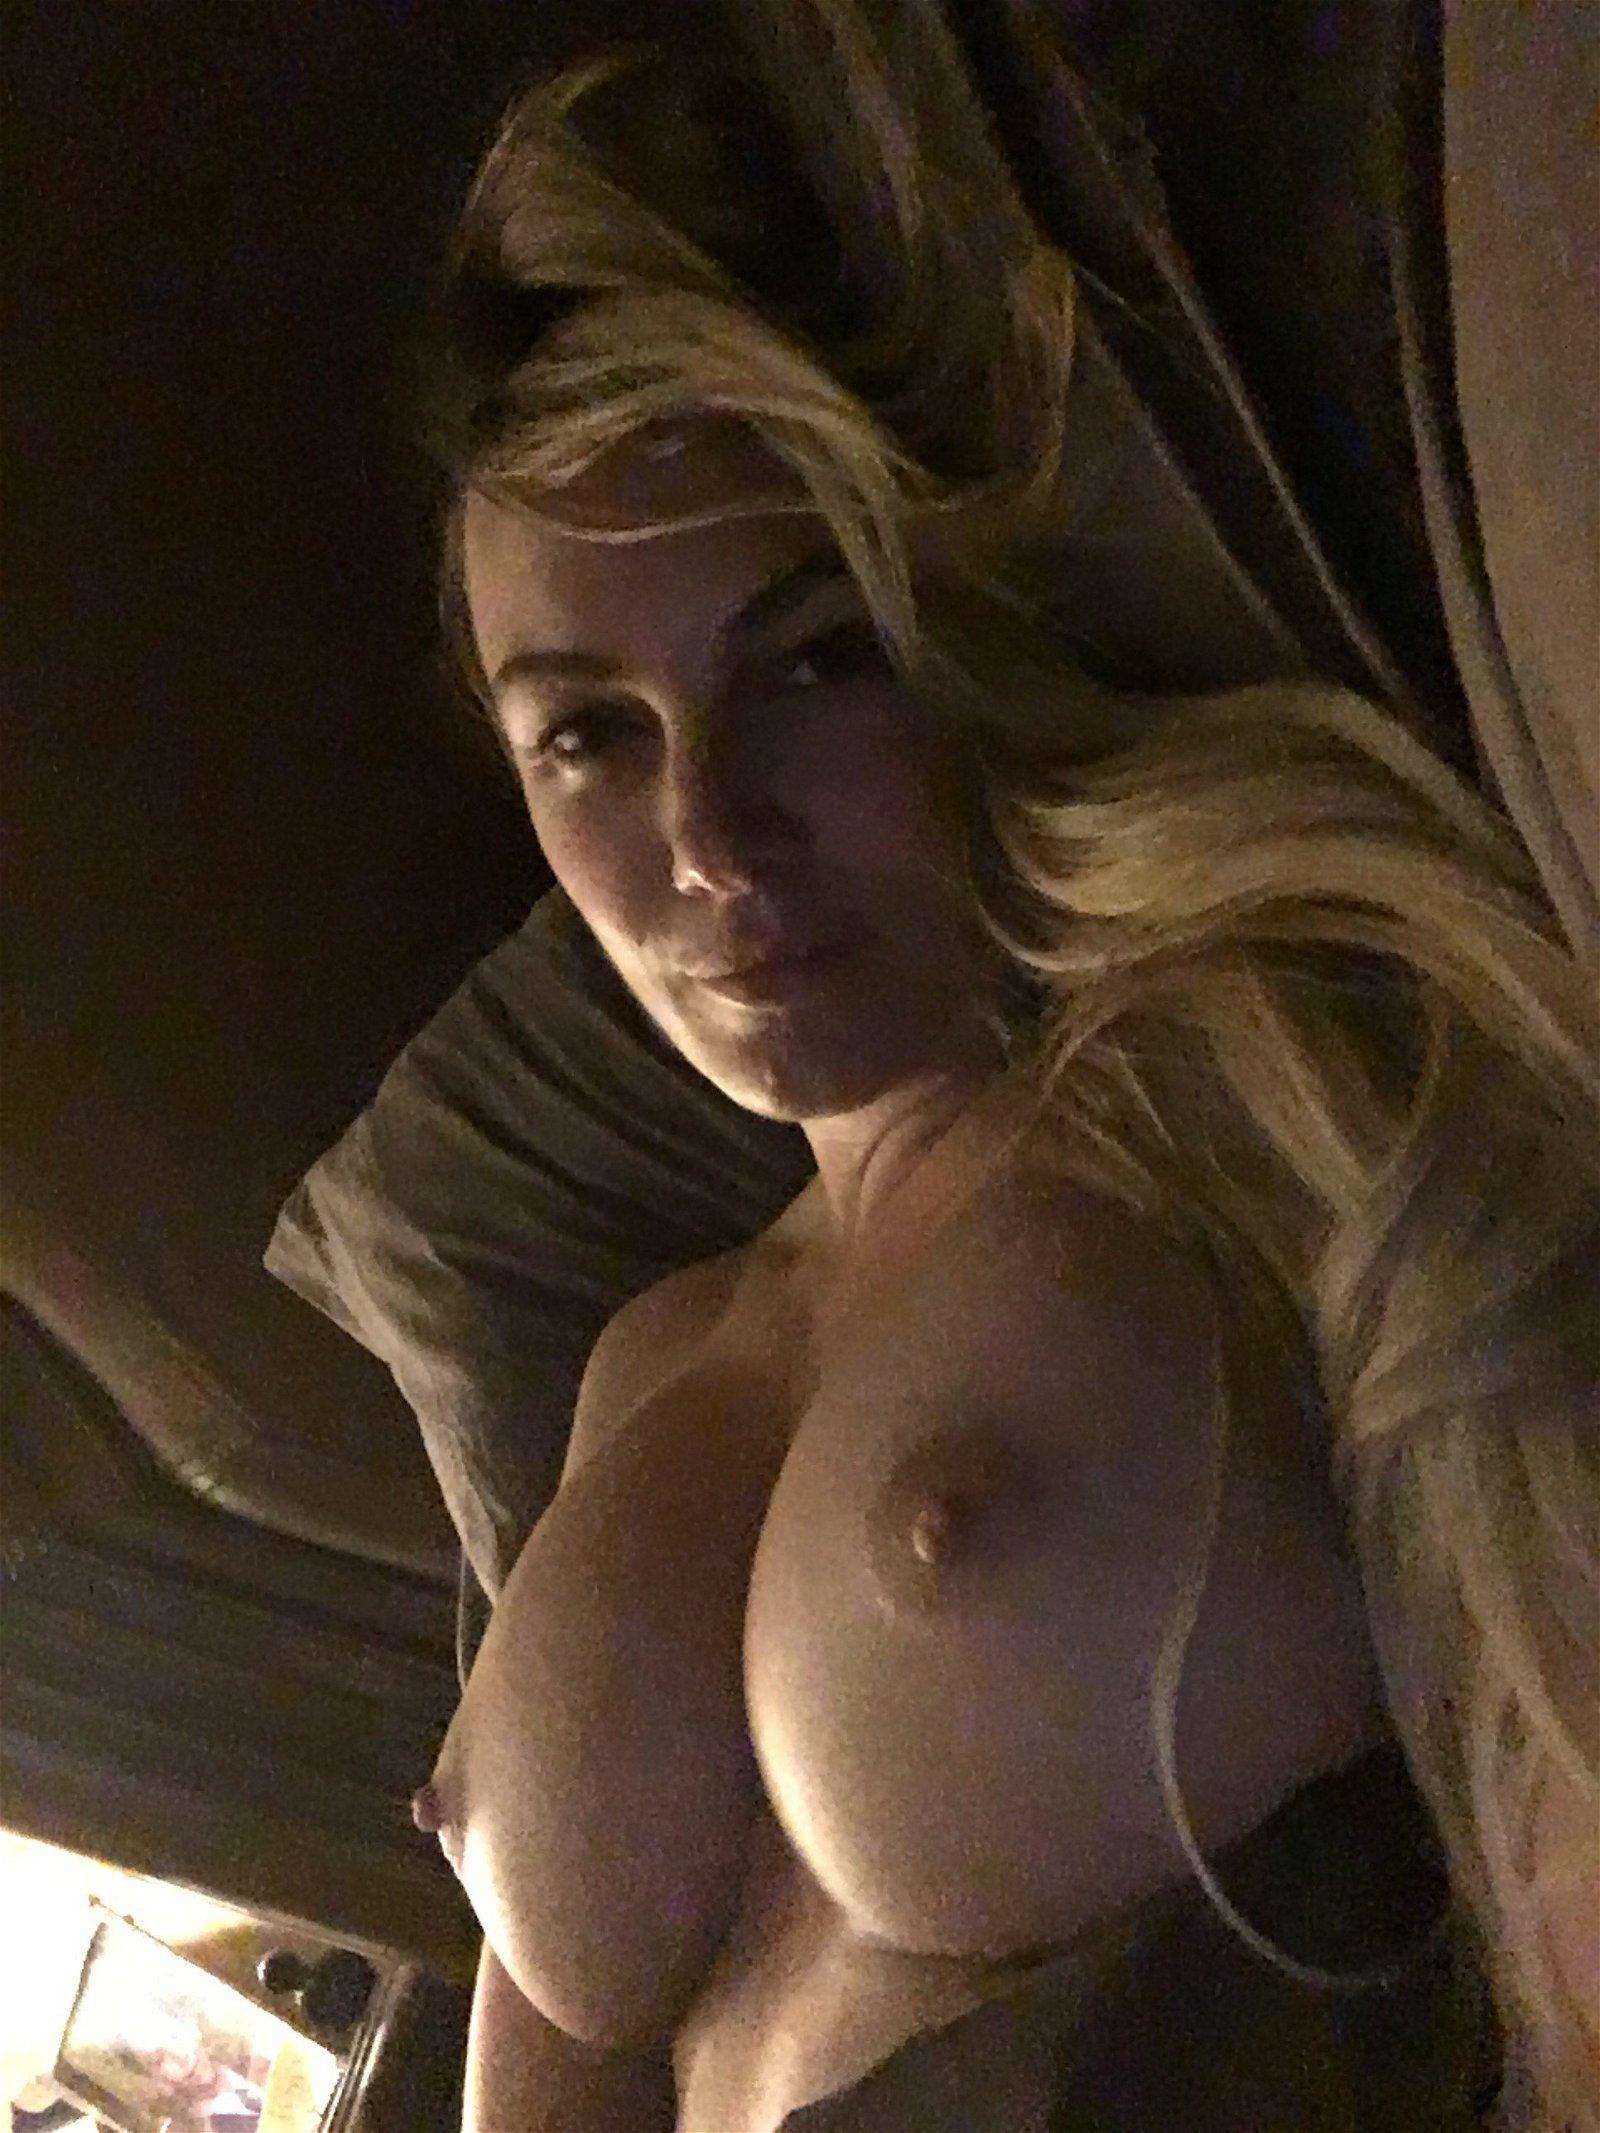 Amber Nichole leaked naked